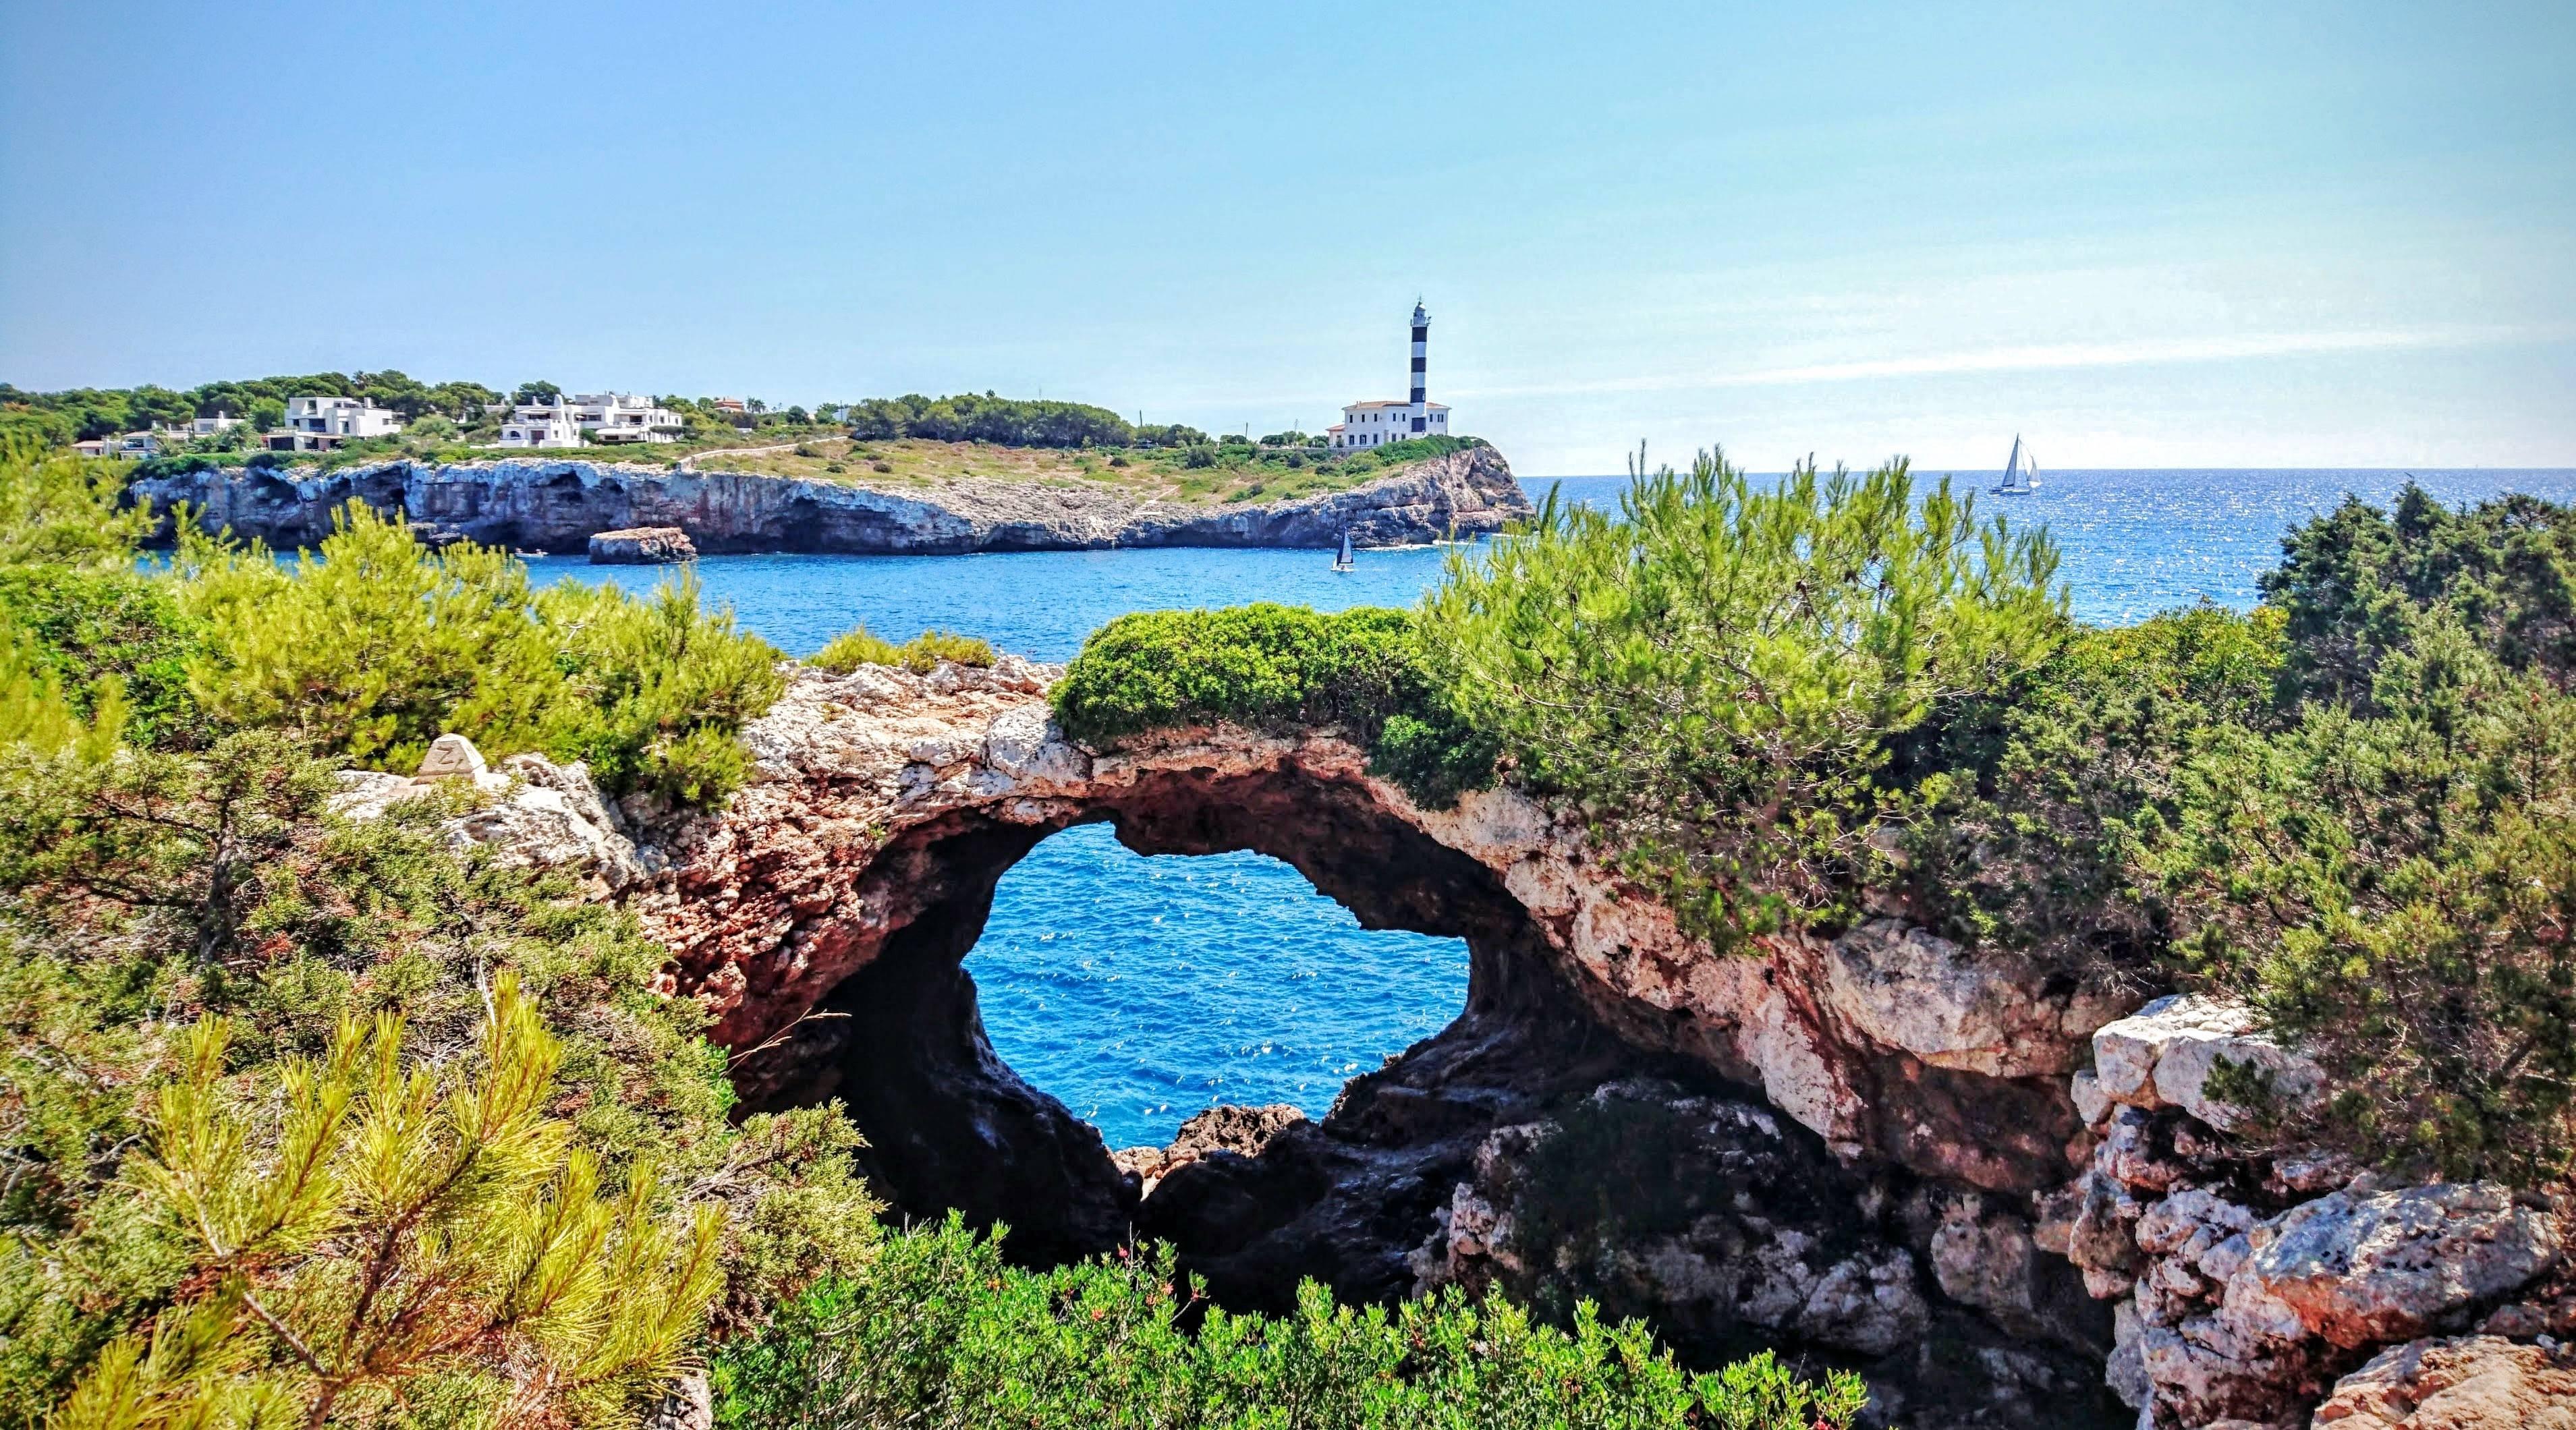 Photo 3: Majorque